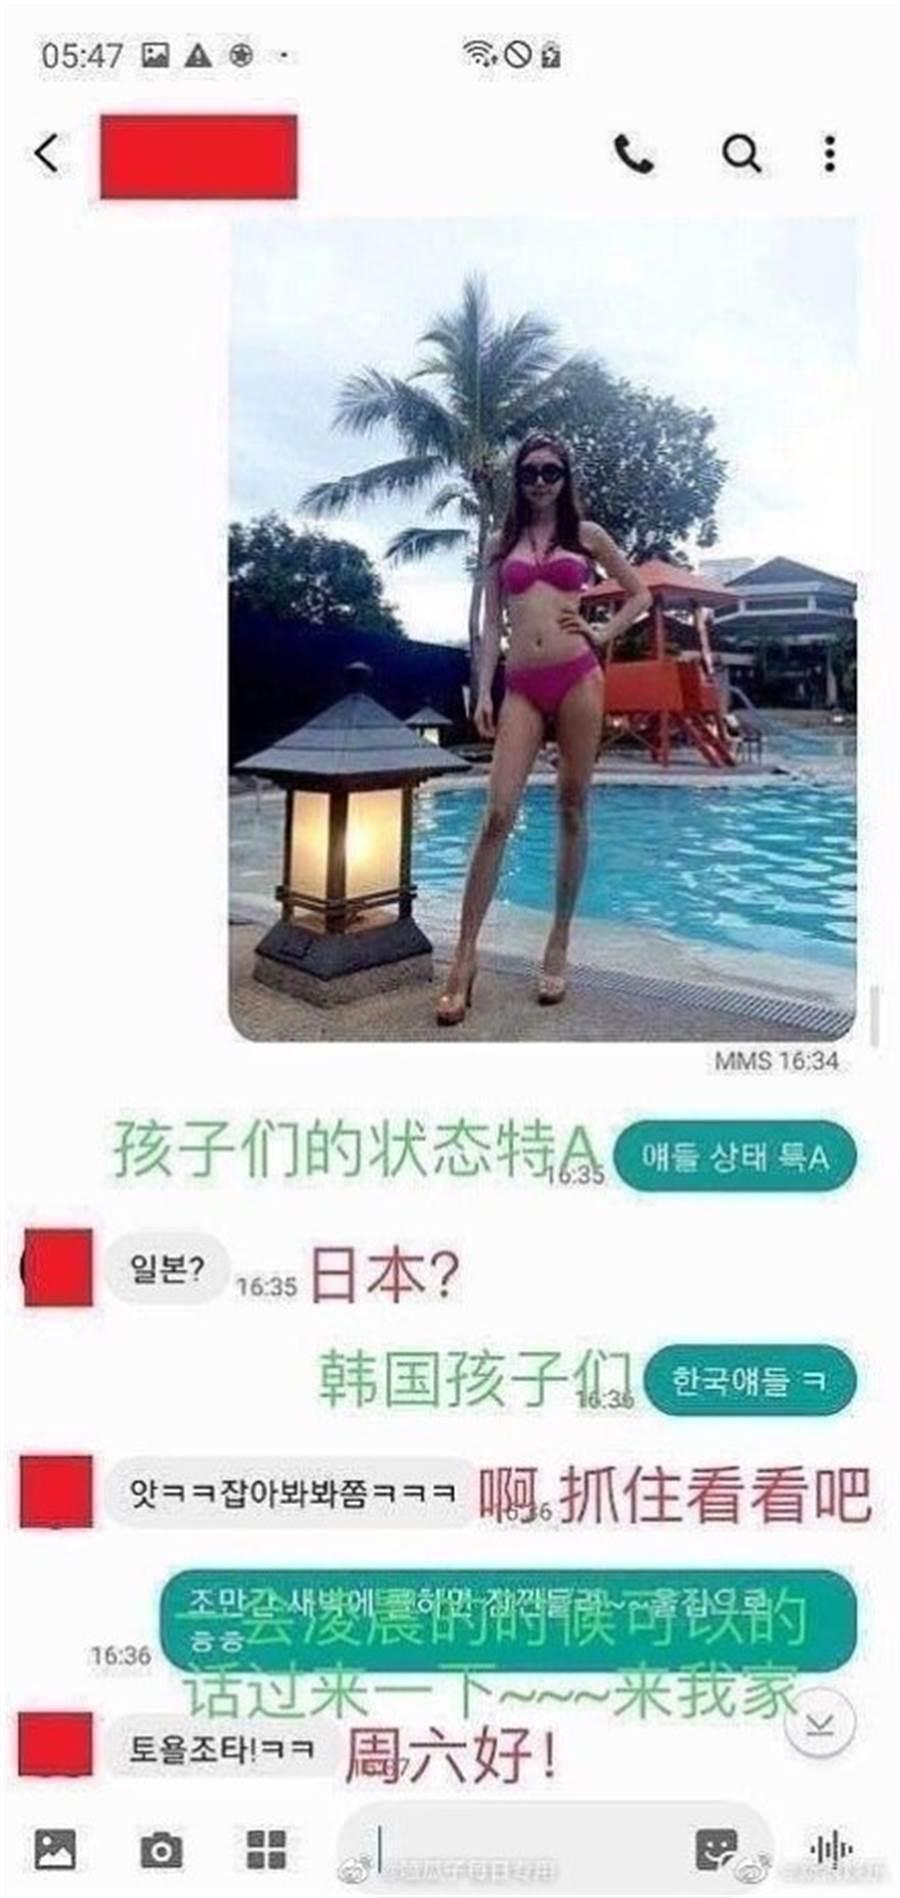 朱鎮模、張東健露骨對話截圖流出。(取自新浪娛樂)